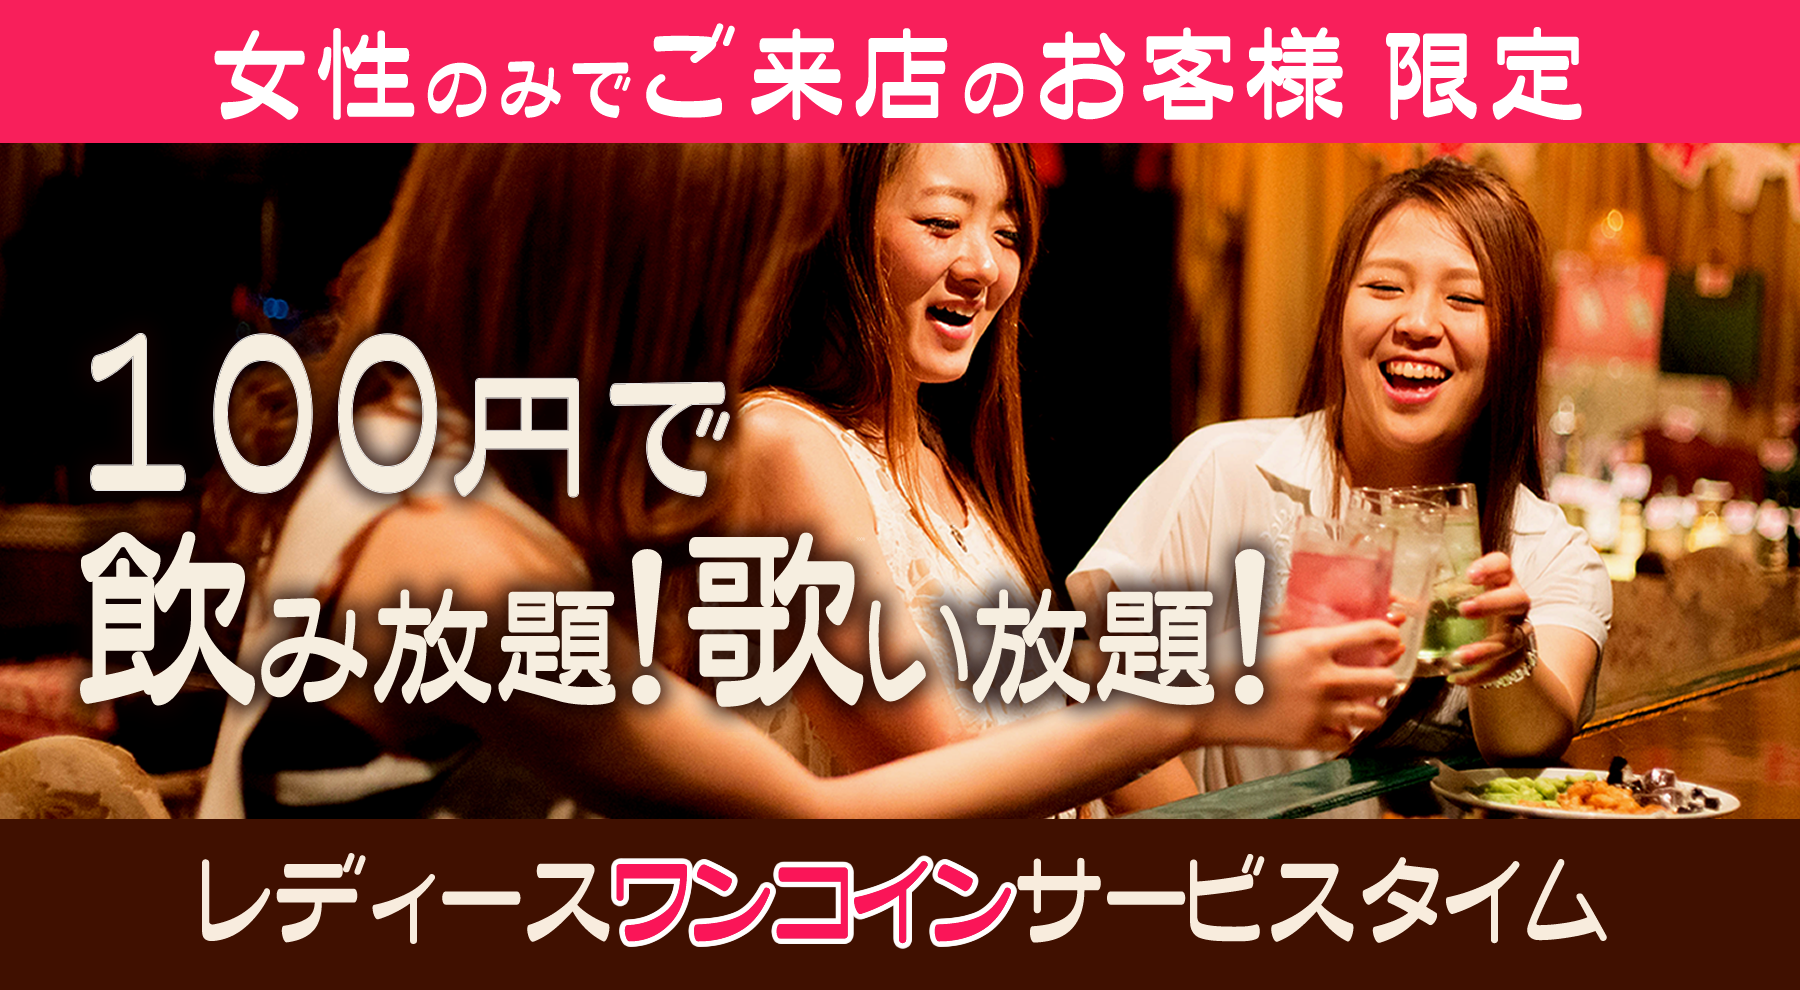 女子会飲み放題!歌い放題 岩倉の居酒屋